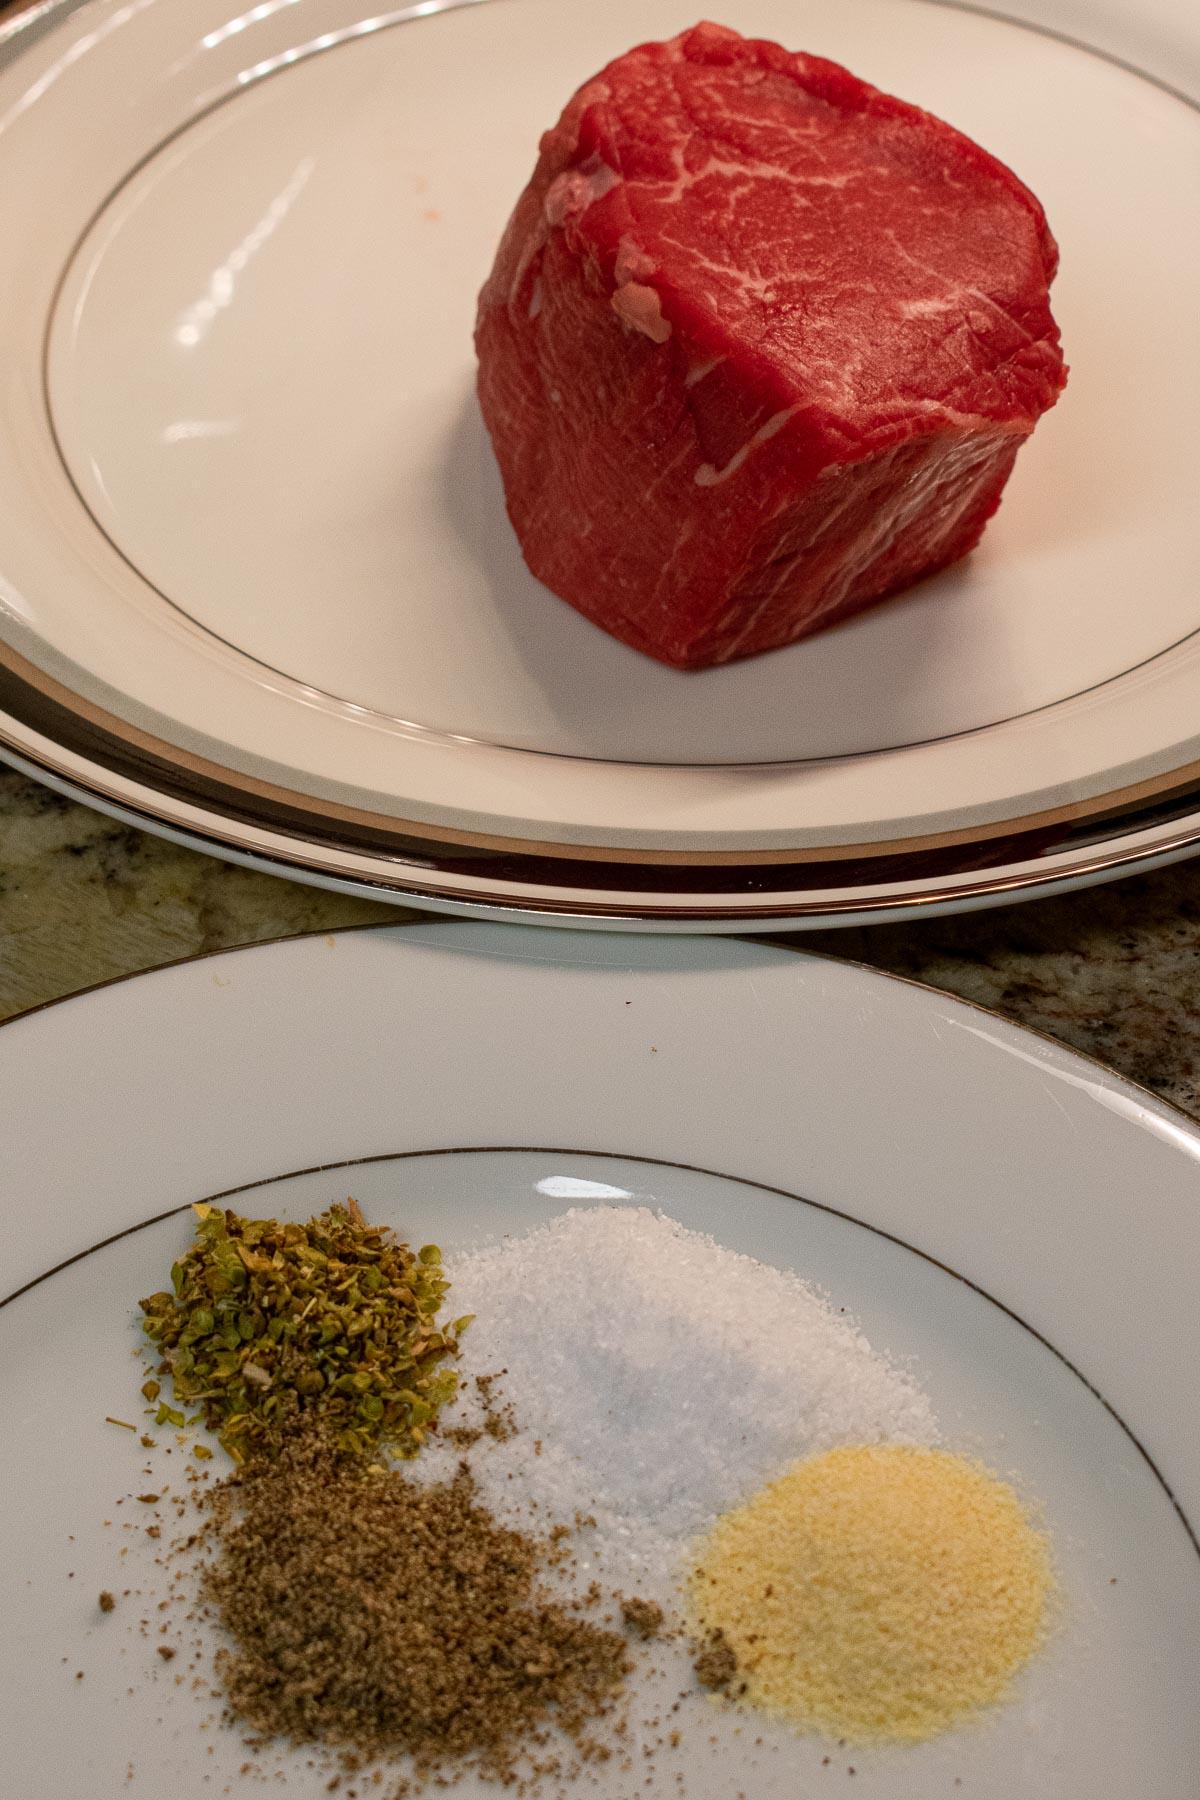 beef tenderloin on a plate